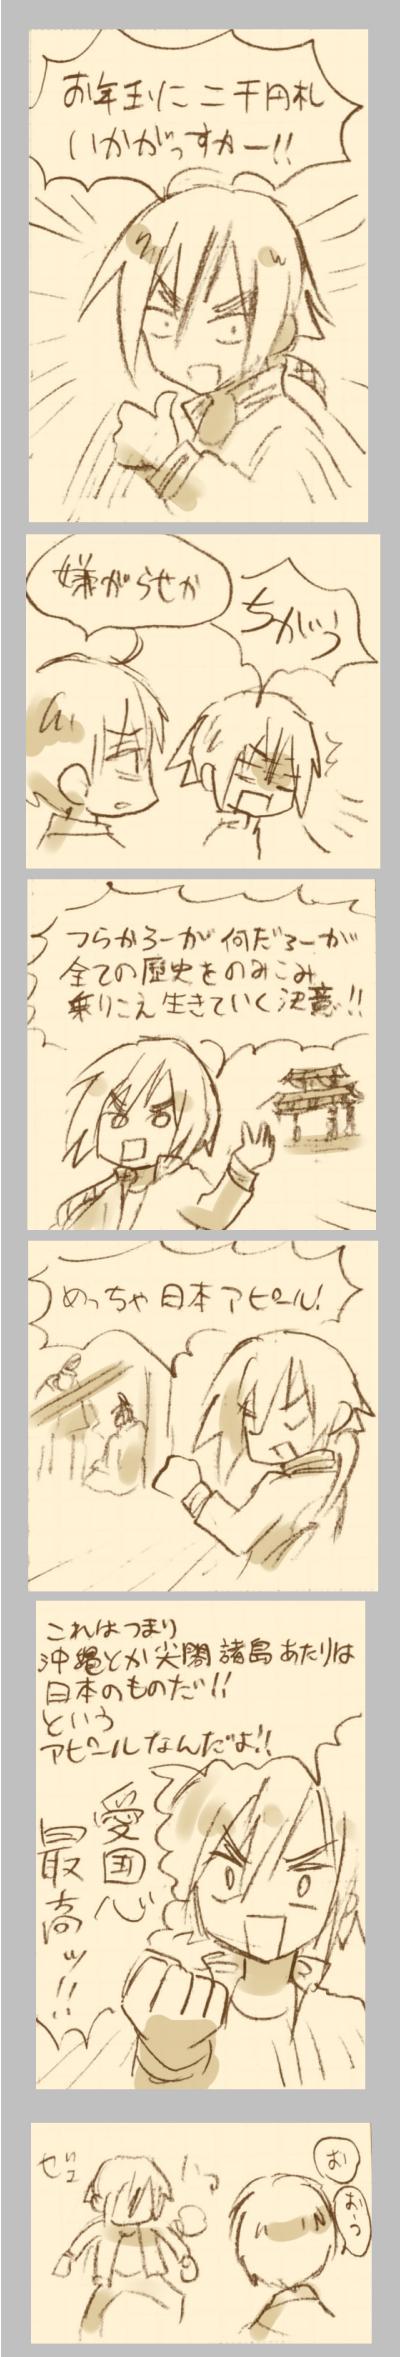 あけおめ二千円札漫画